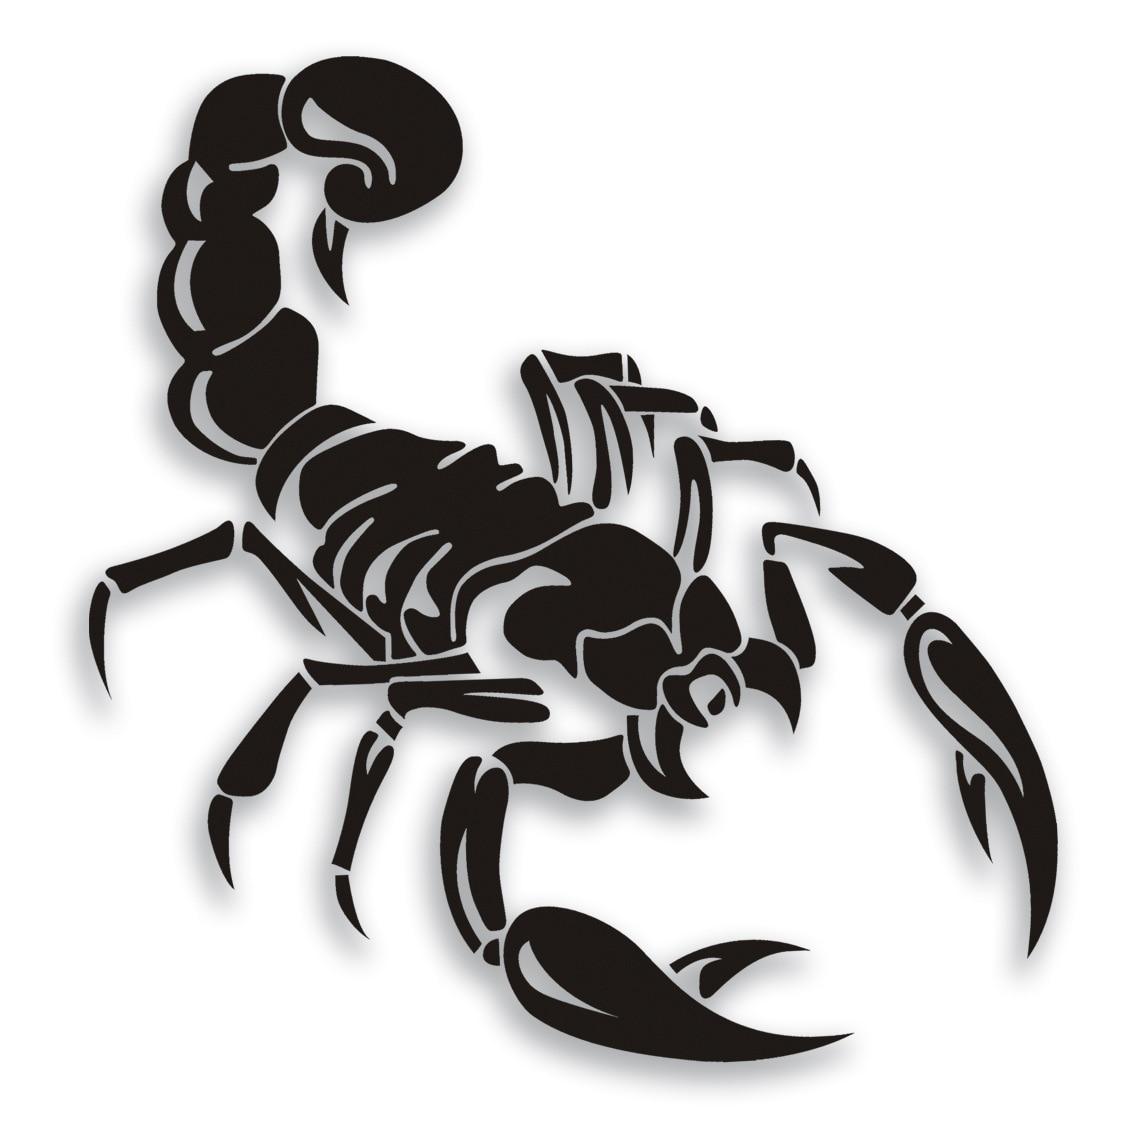 одновременно картинки черно белые тату скорпиона онлайн-карта чегдомына улицами